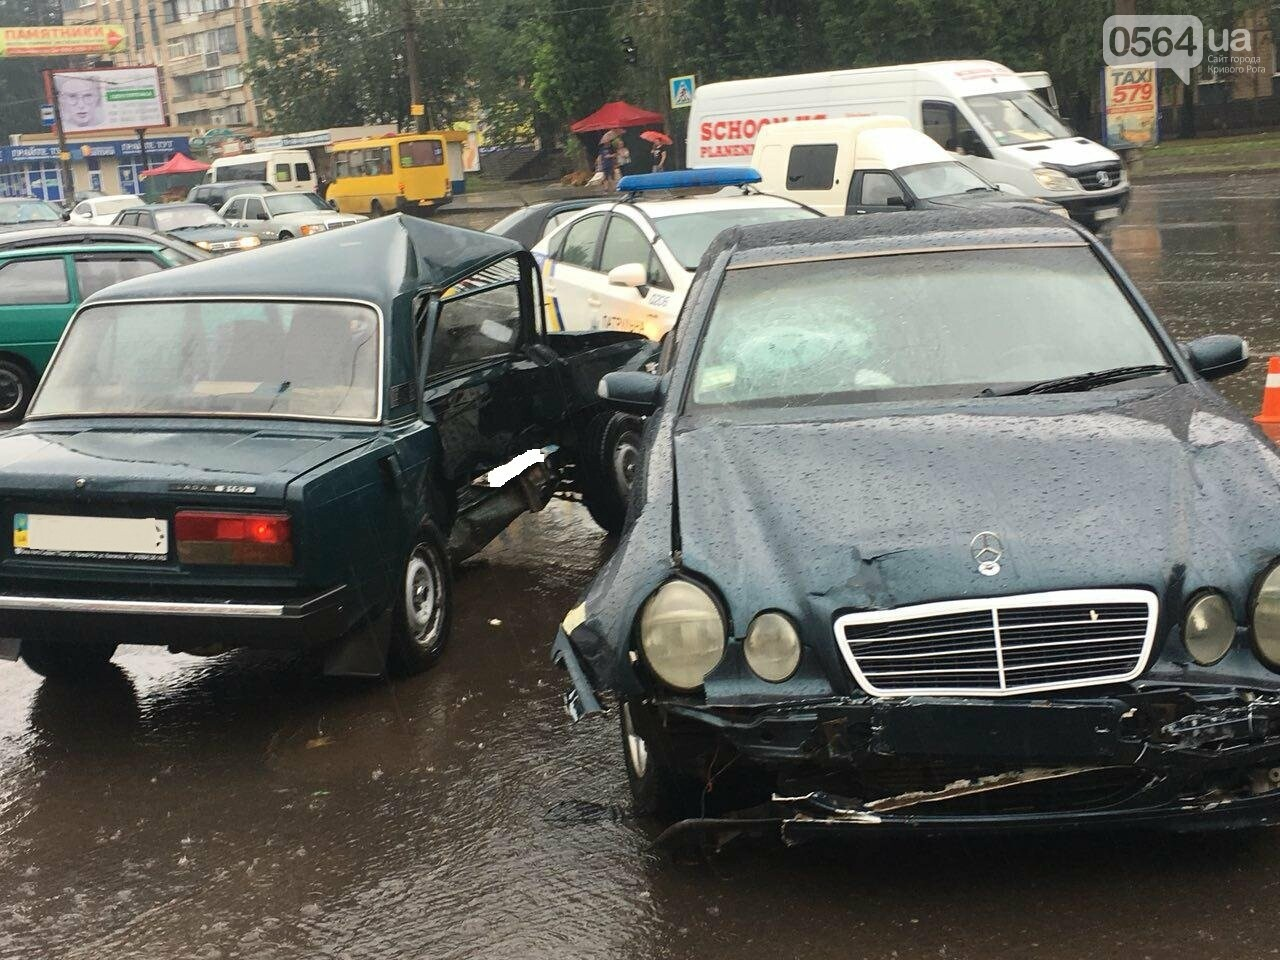 В Кривом Роге под дождем на перекрестке столкнулись иномарка и ВАЗ, - ФОТО, фото-1